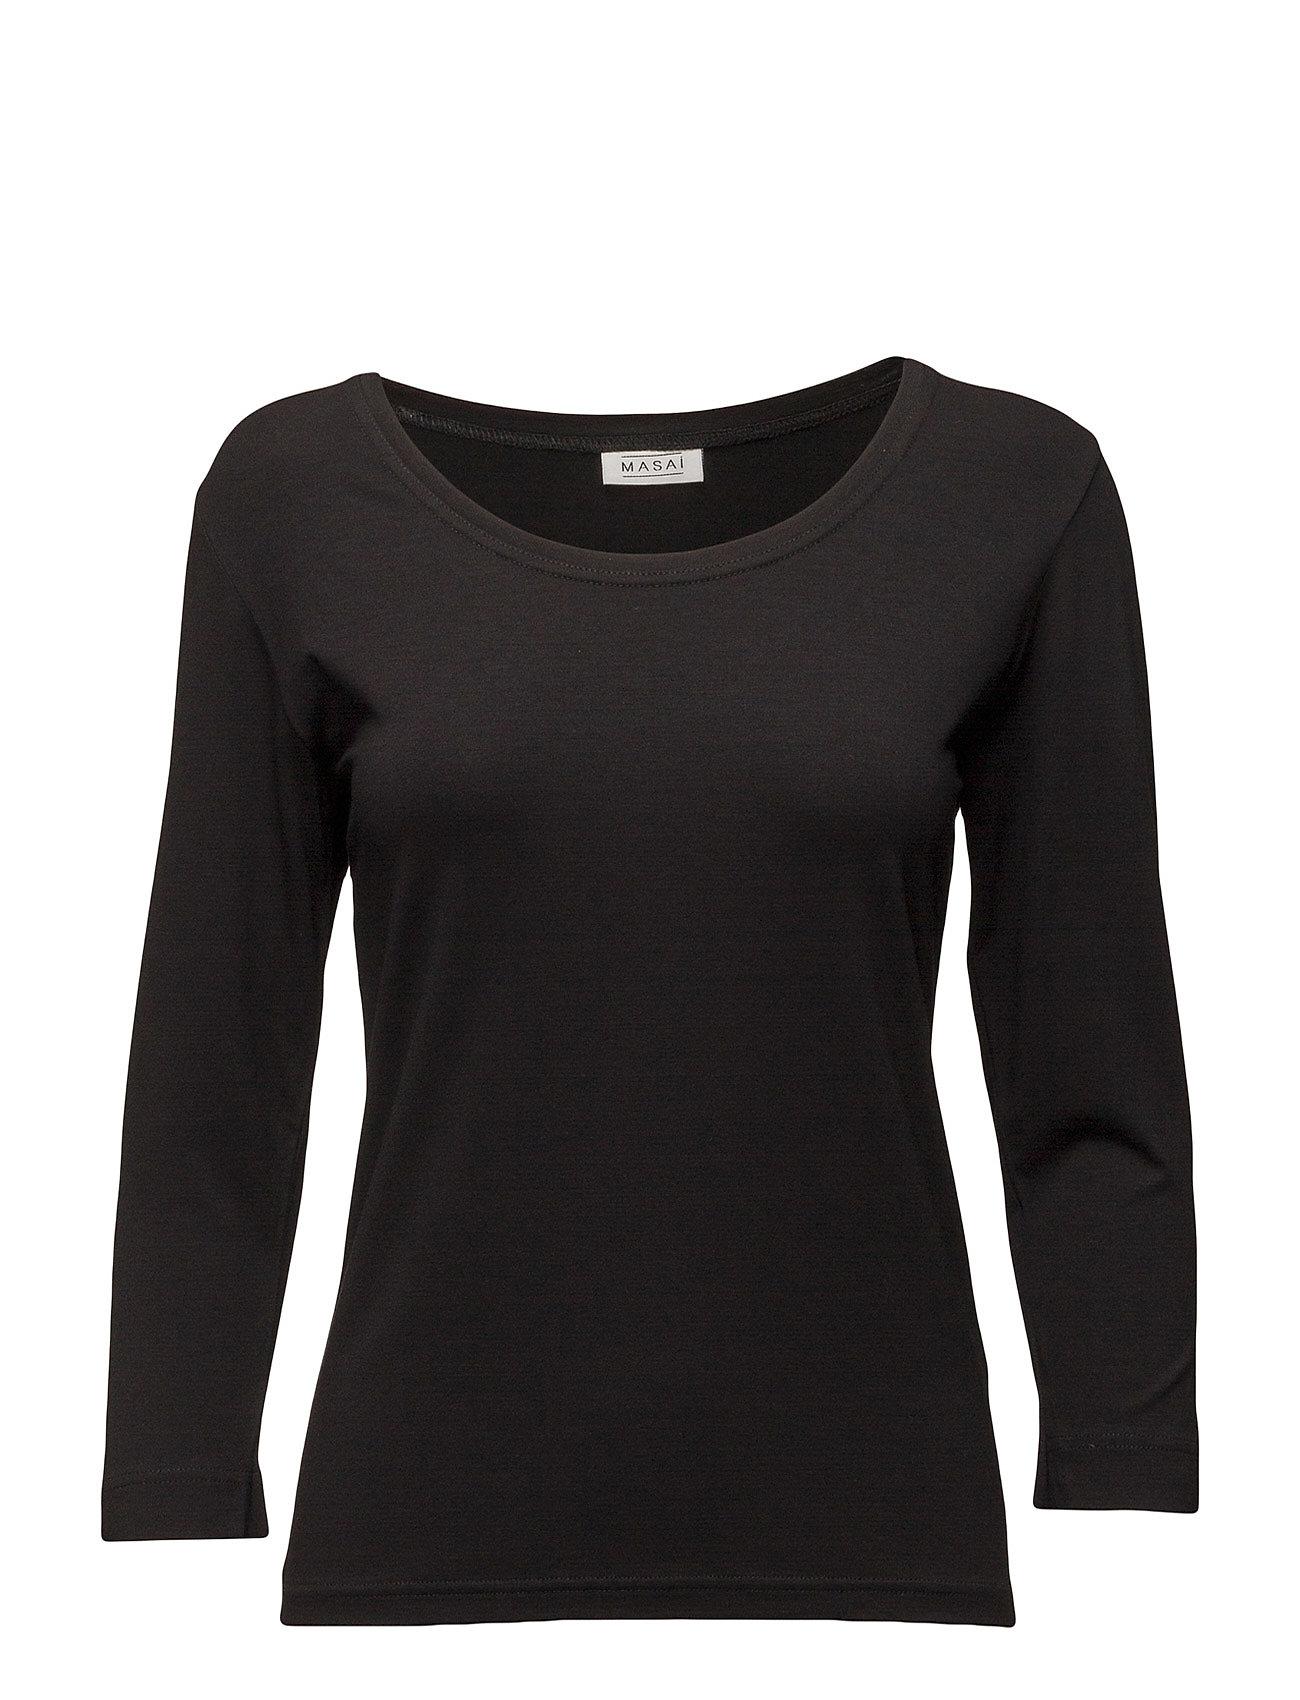 Cream Top Fitted 3/4 Slv Basic Masai T-shirts & toppe til Kvinder i Sort